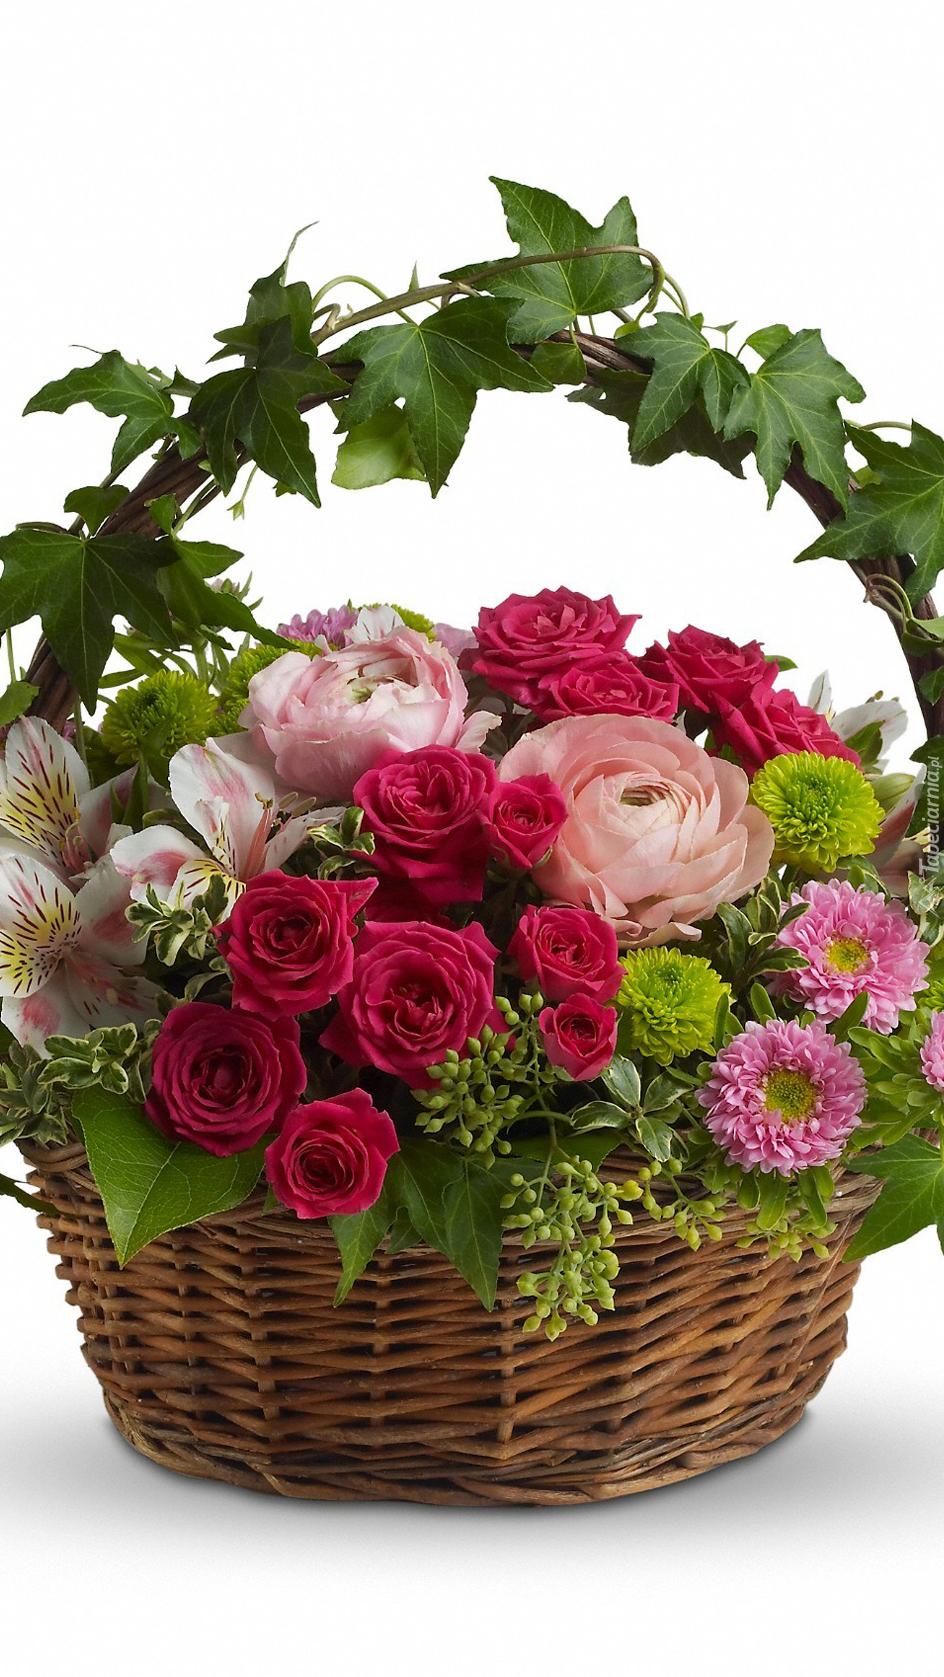 Bukiet kwiatów w koszu